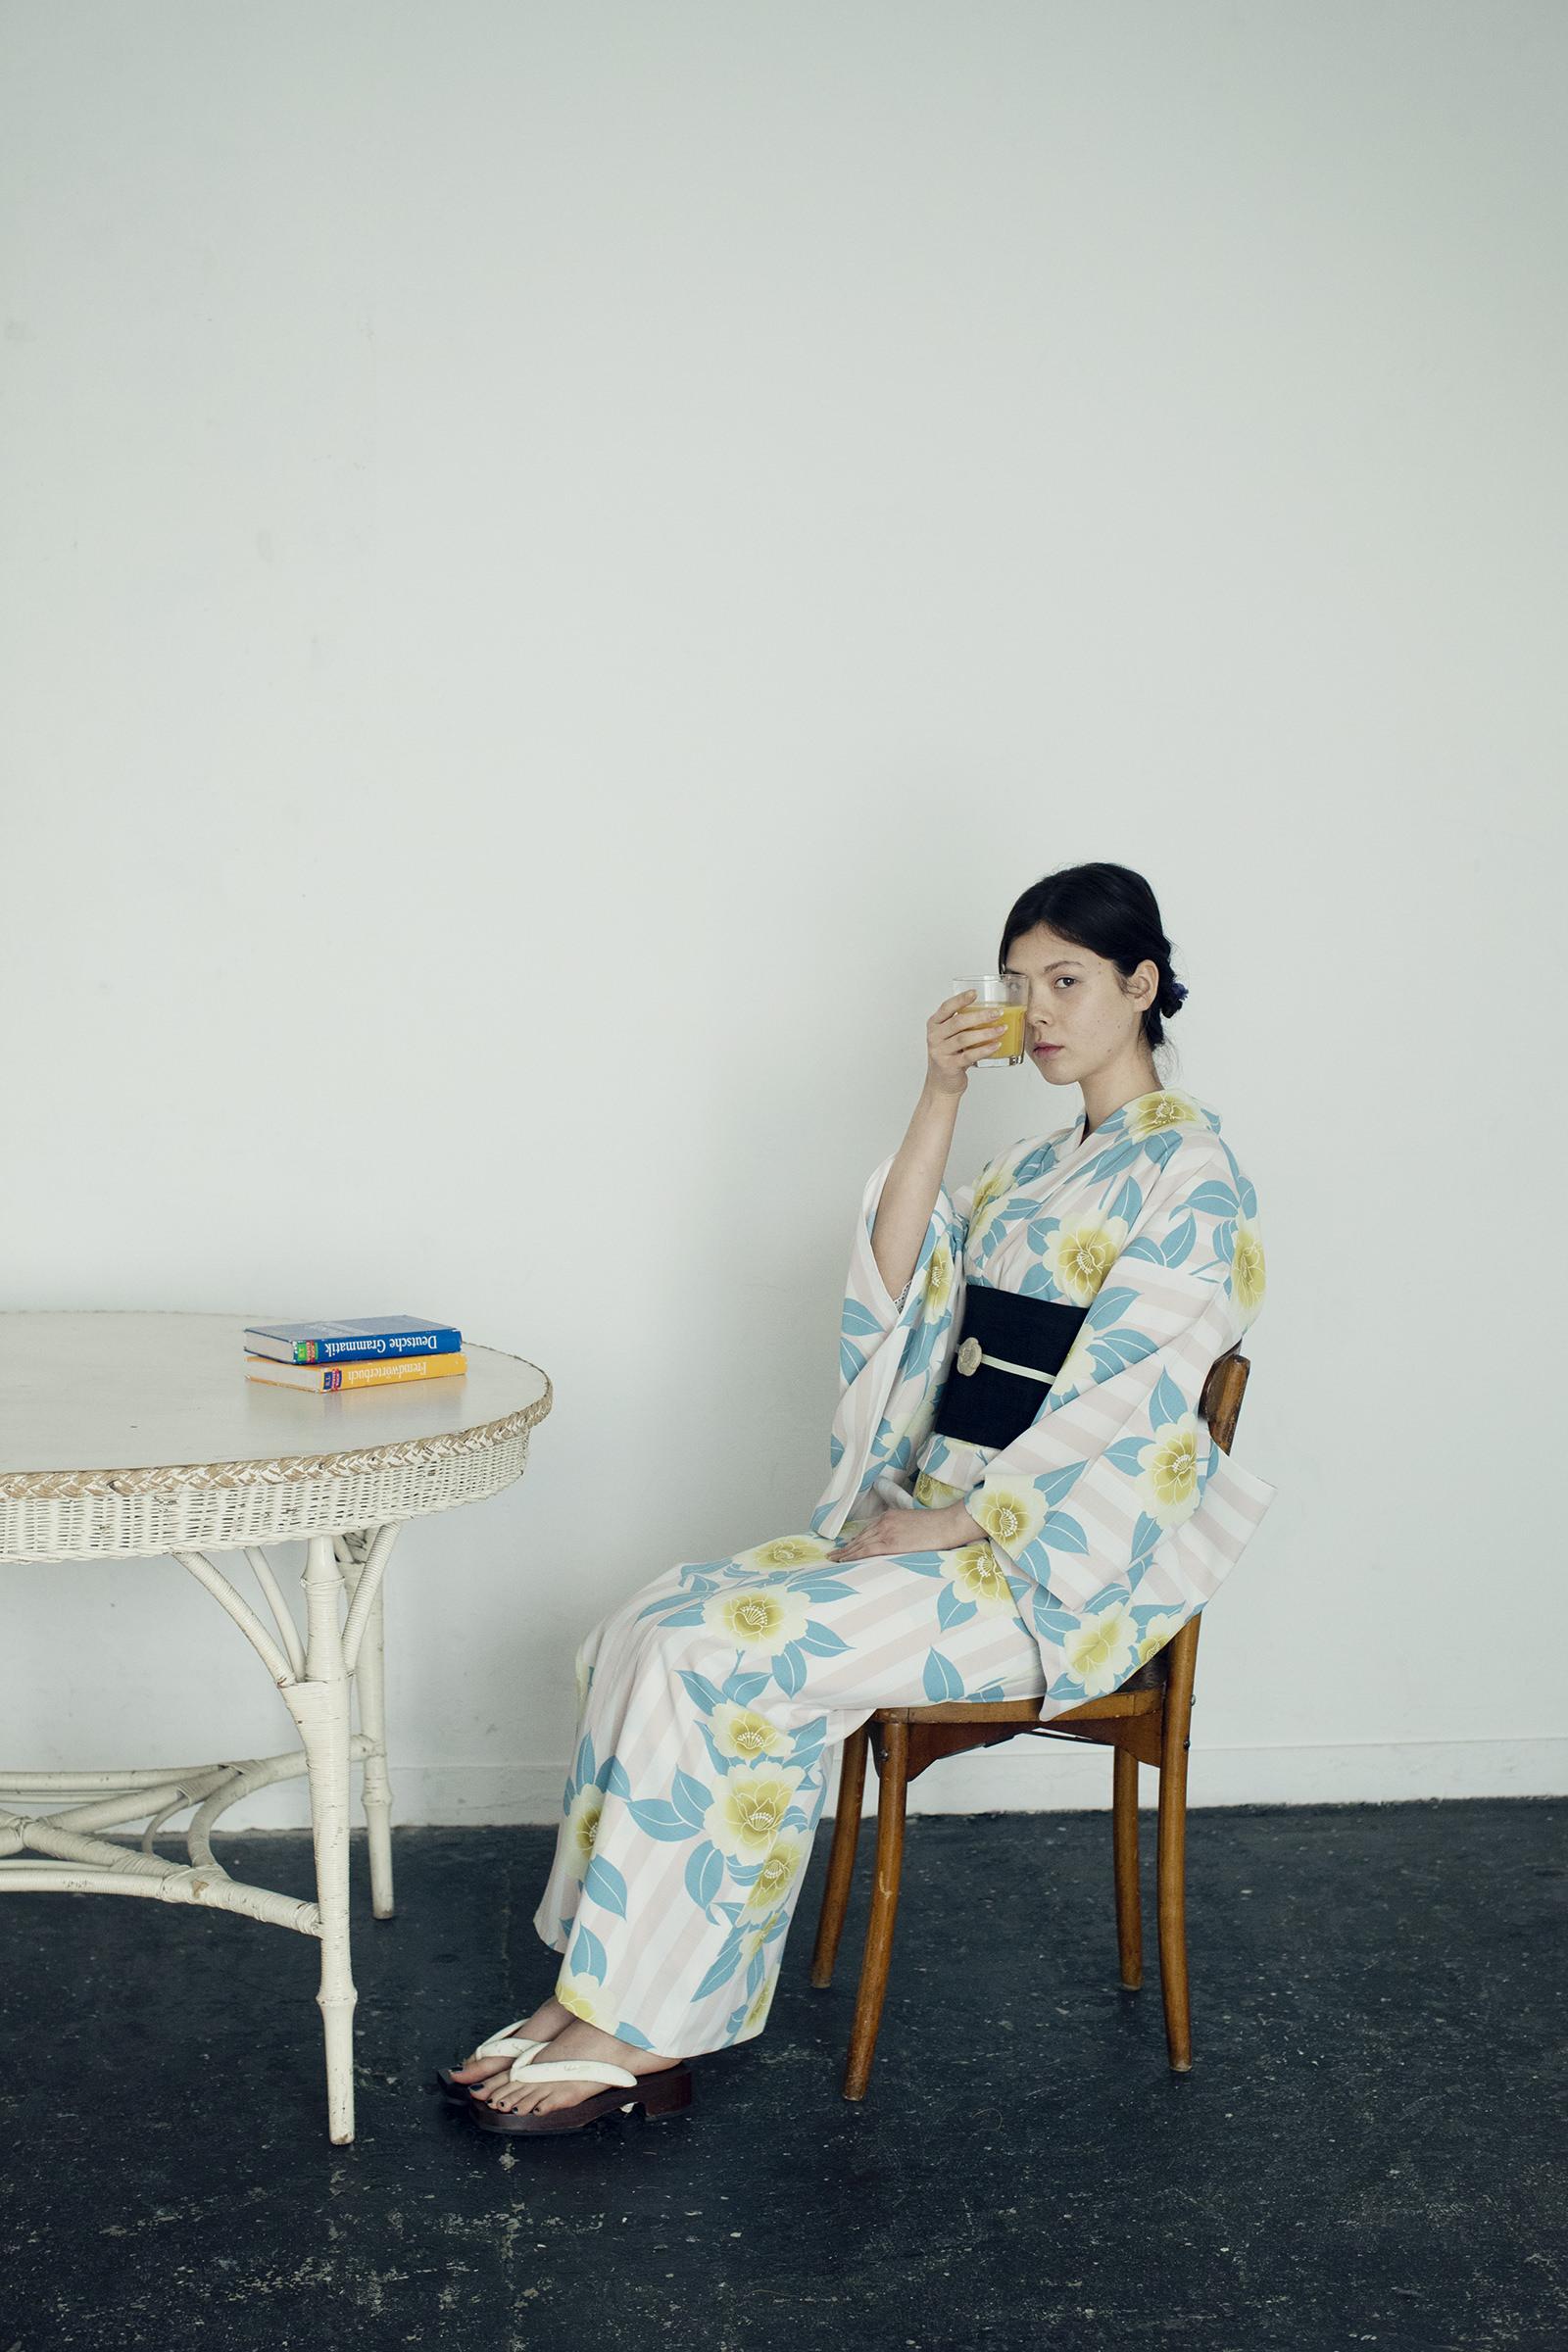 洗えるゆかた / 桜花ストライプピンク / ポリエステル